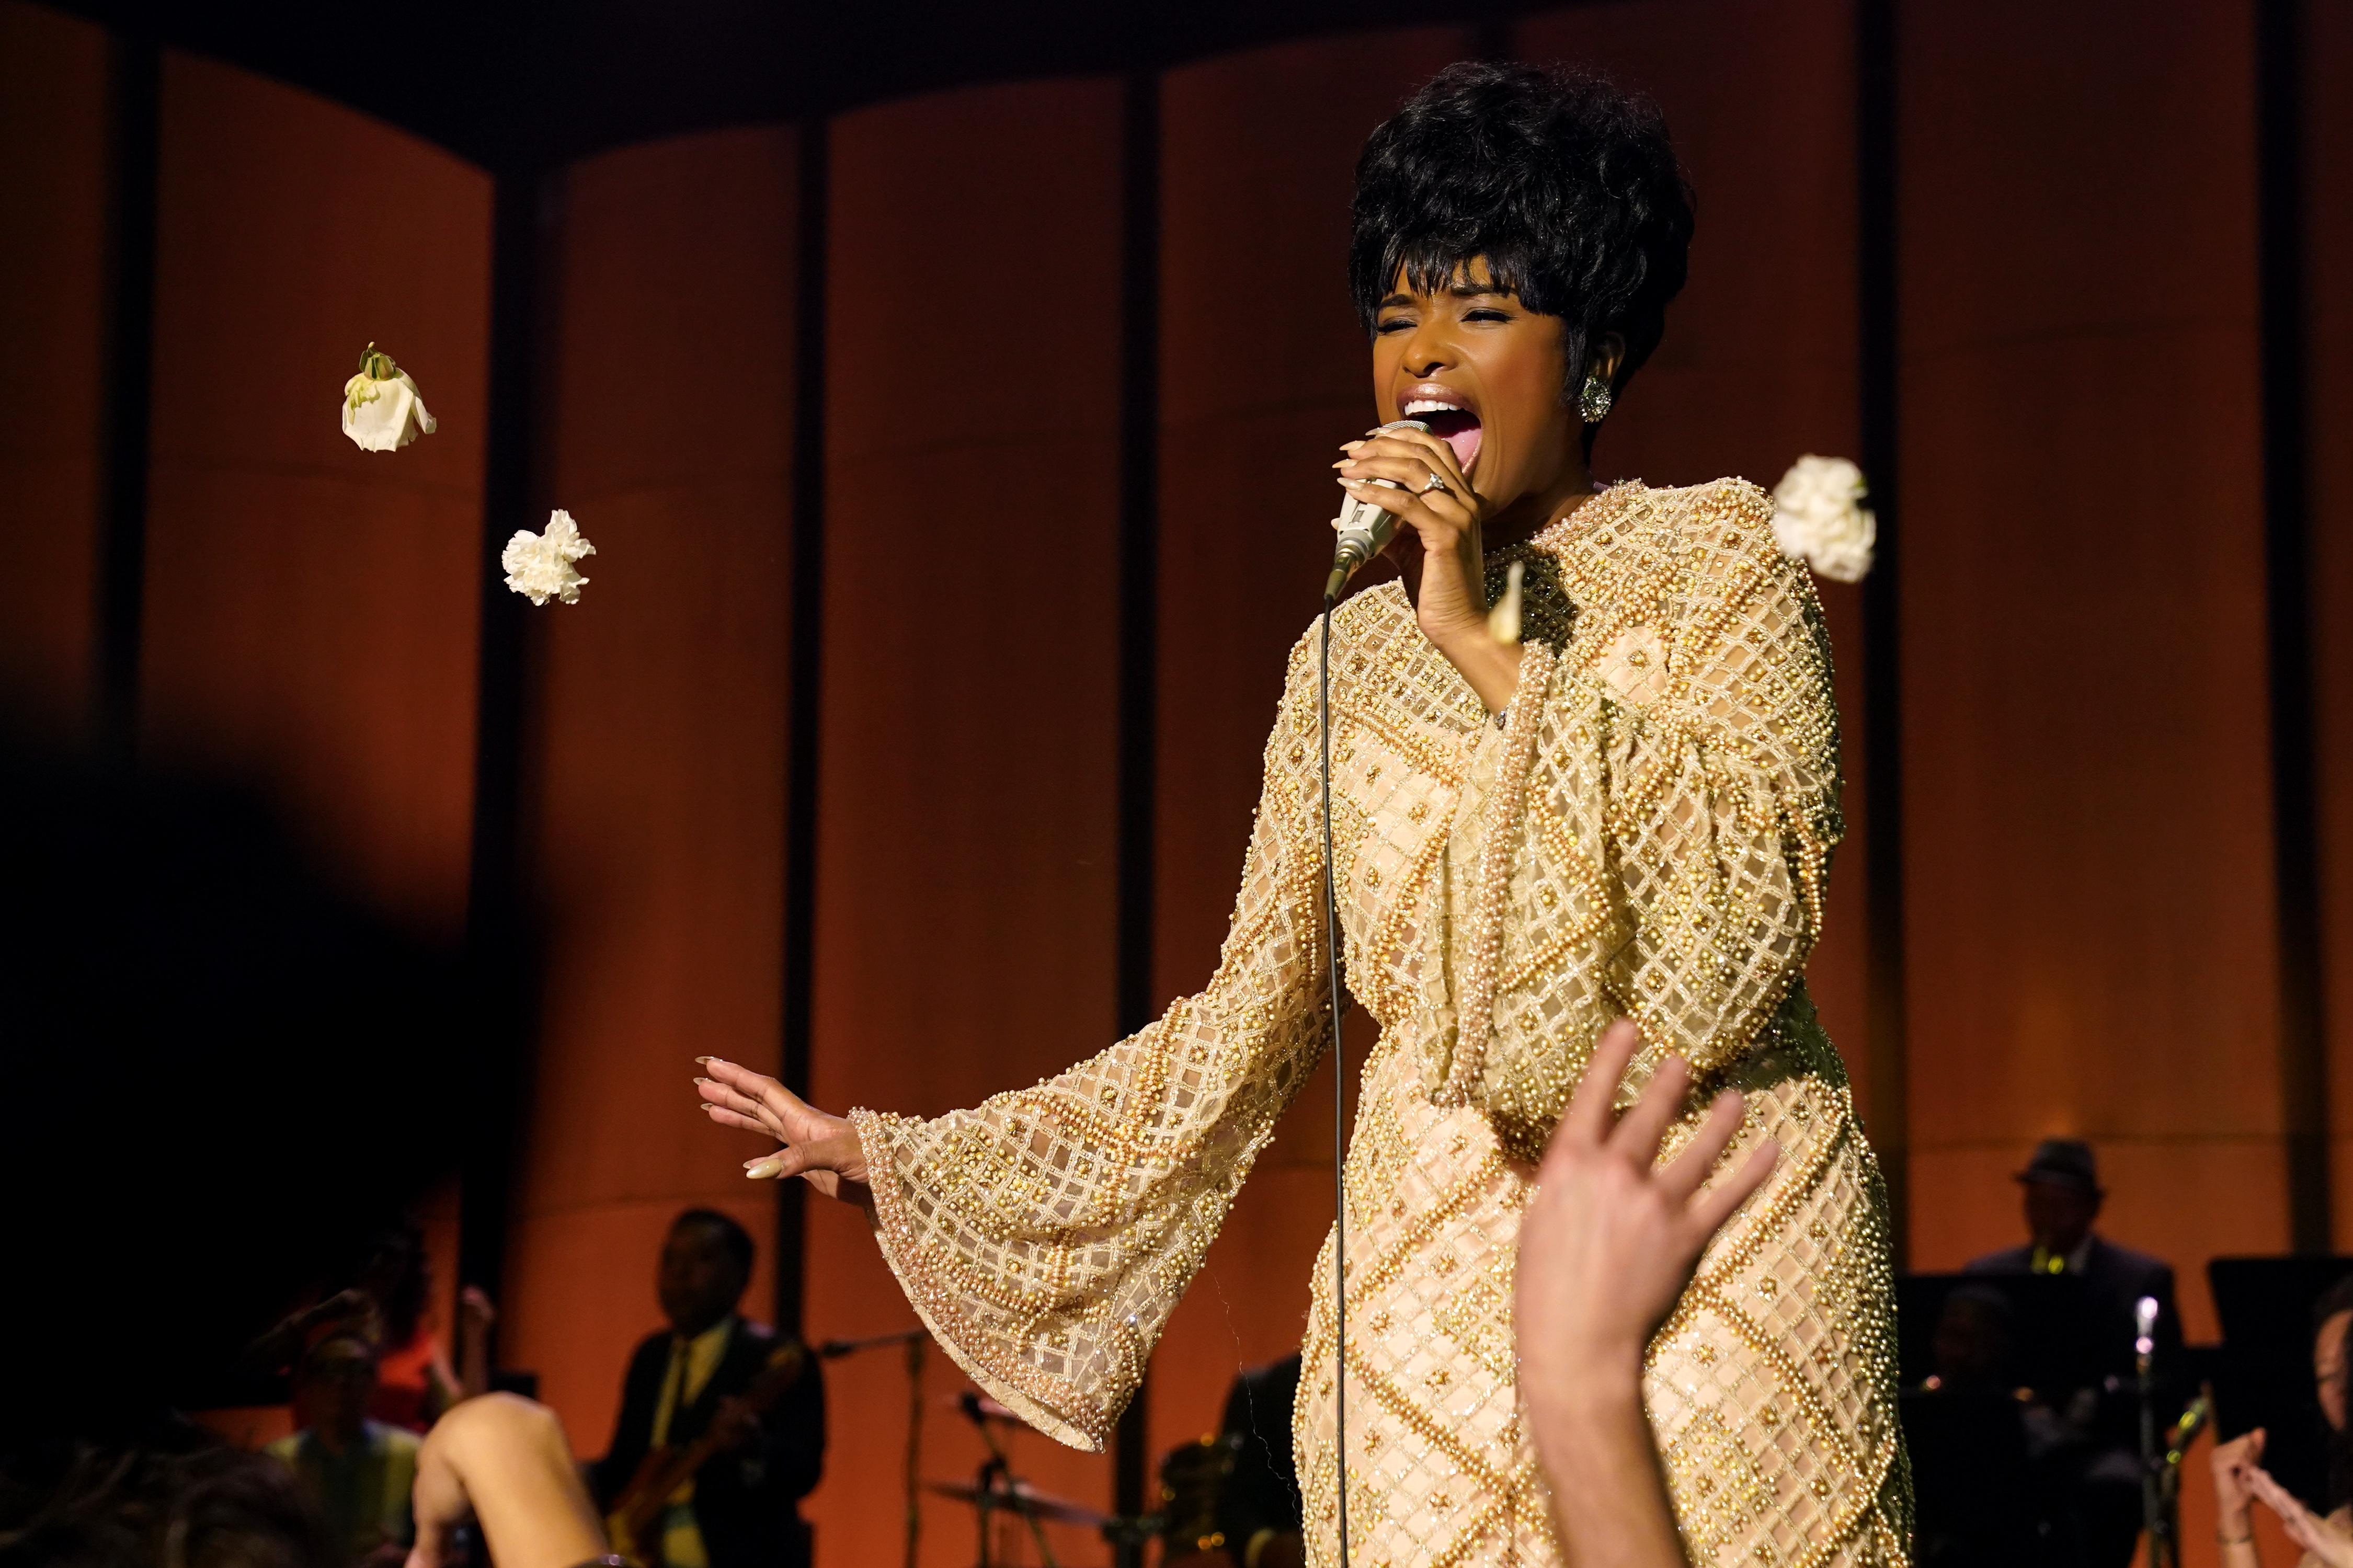 Respect (OV). Een knappe, donkere vrouw met kort haar staat op een podium in een gouden jurk en zingt de longen uit haar lijf.